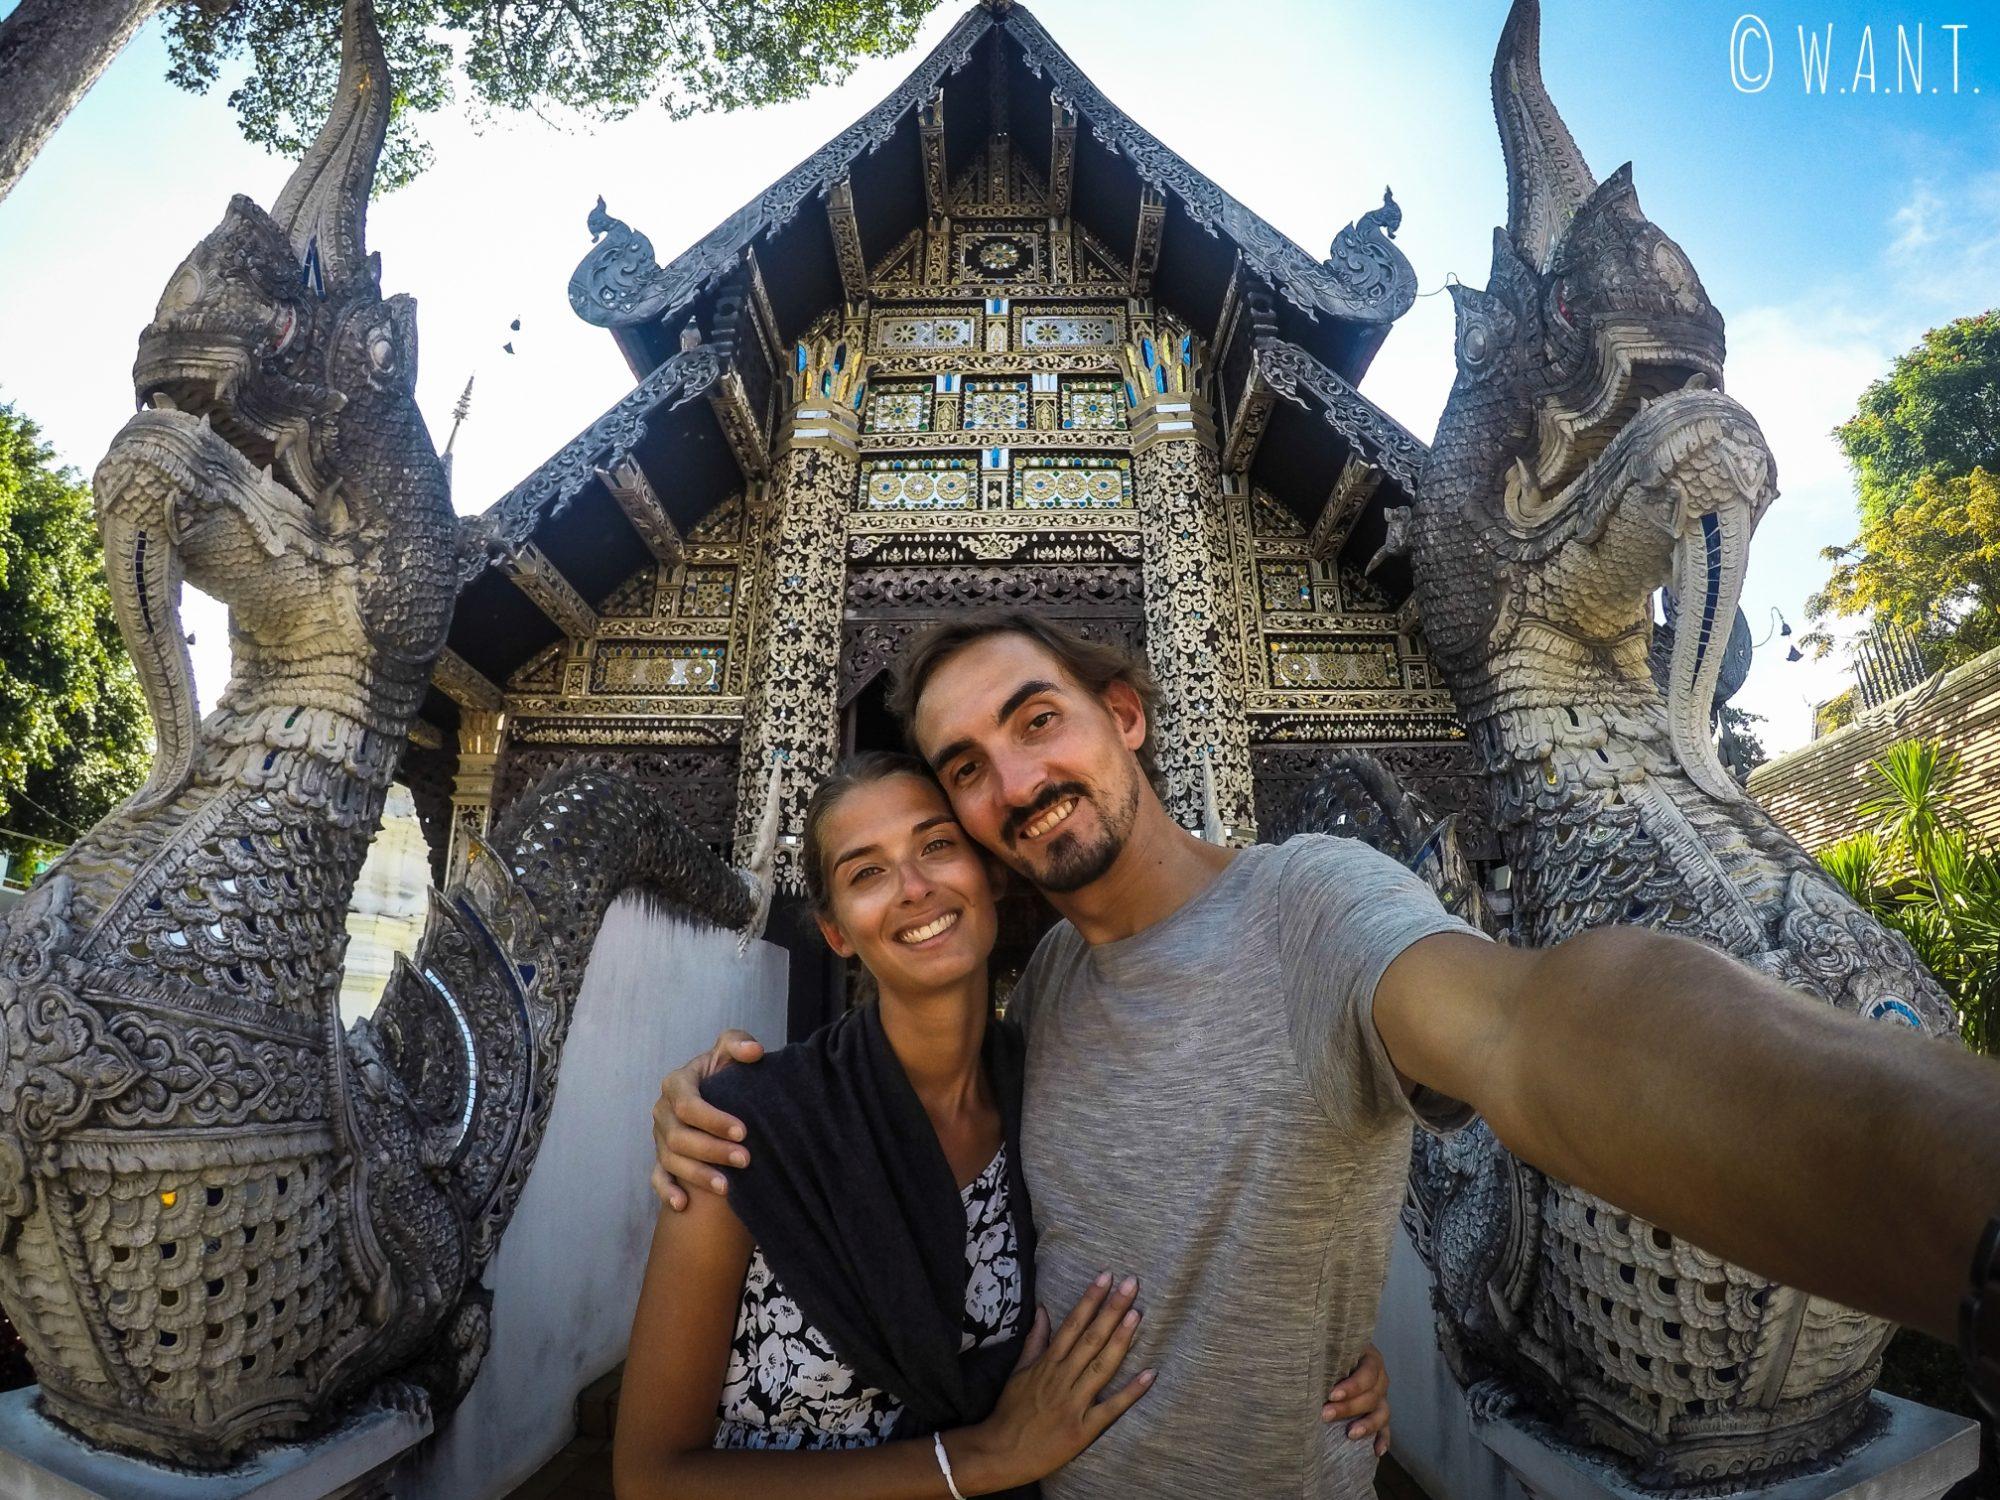 Selfie devant l'un des temples secondaires du Wat Chedi Luang de Chiang Mai